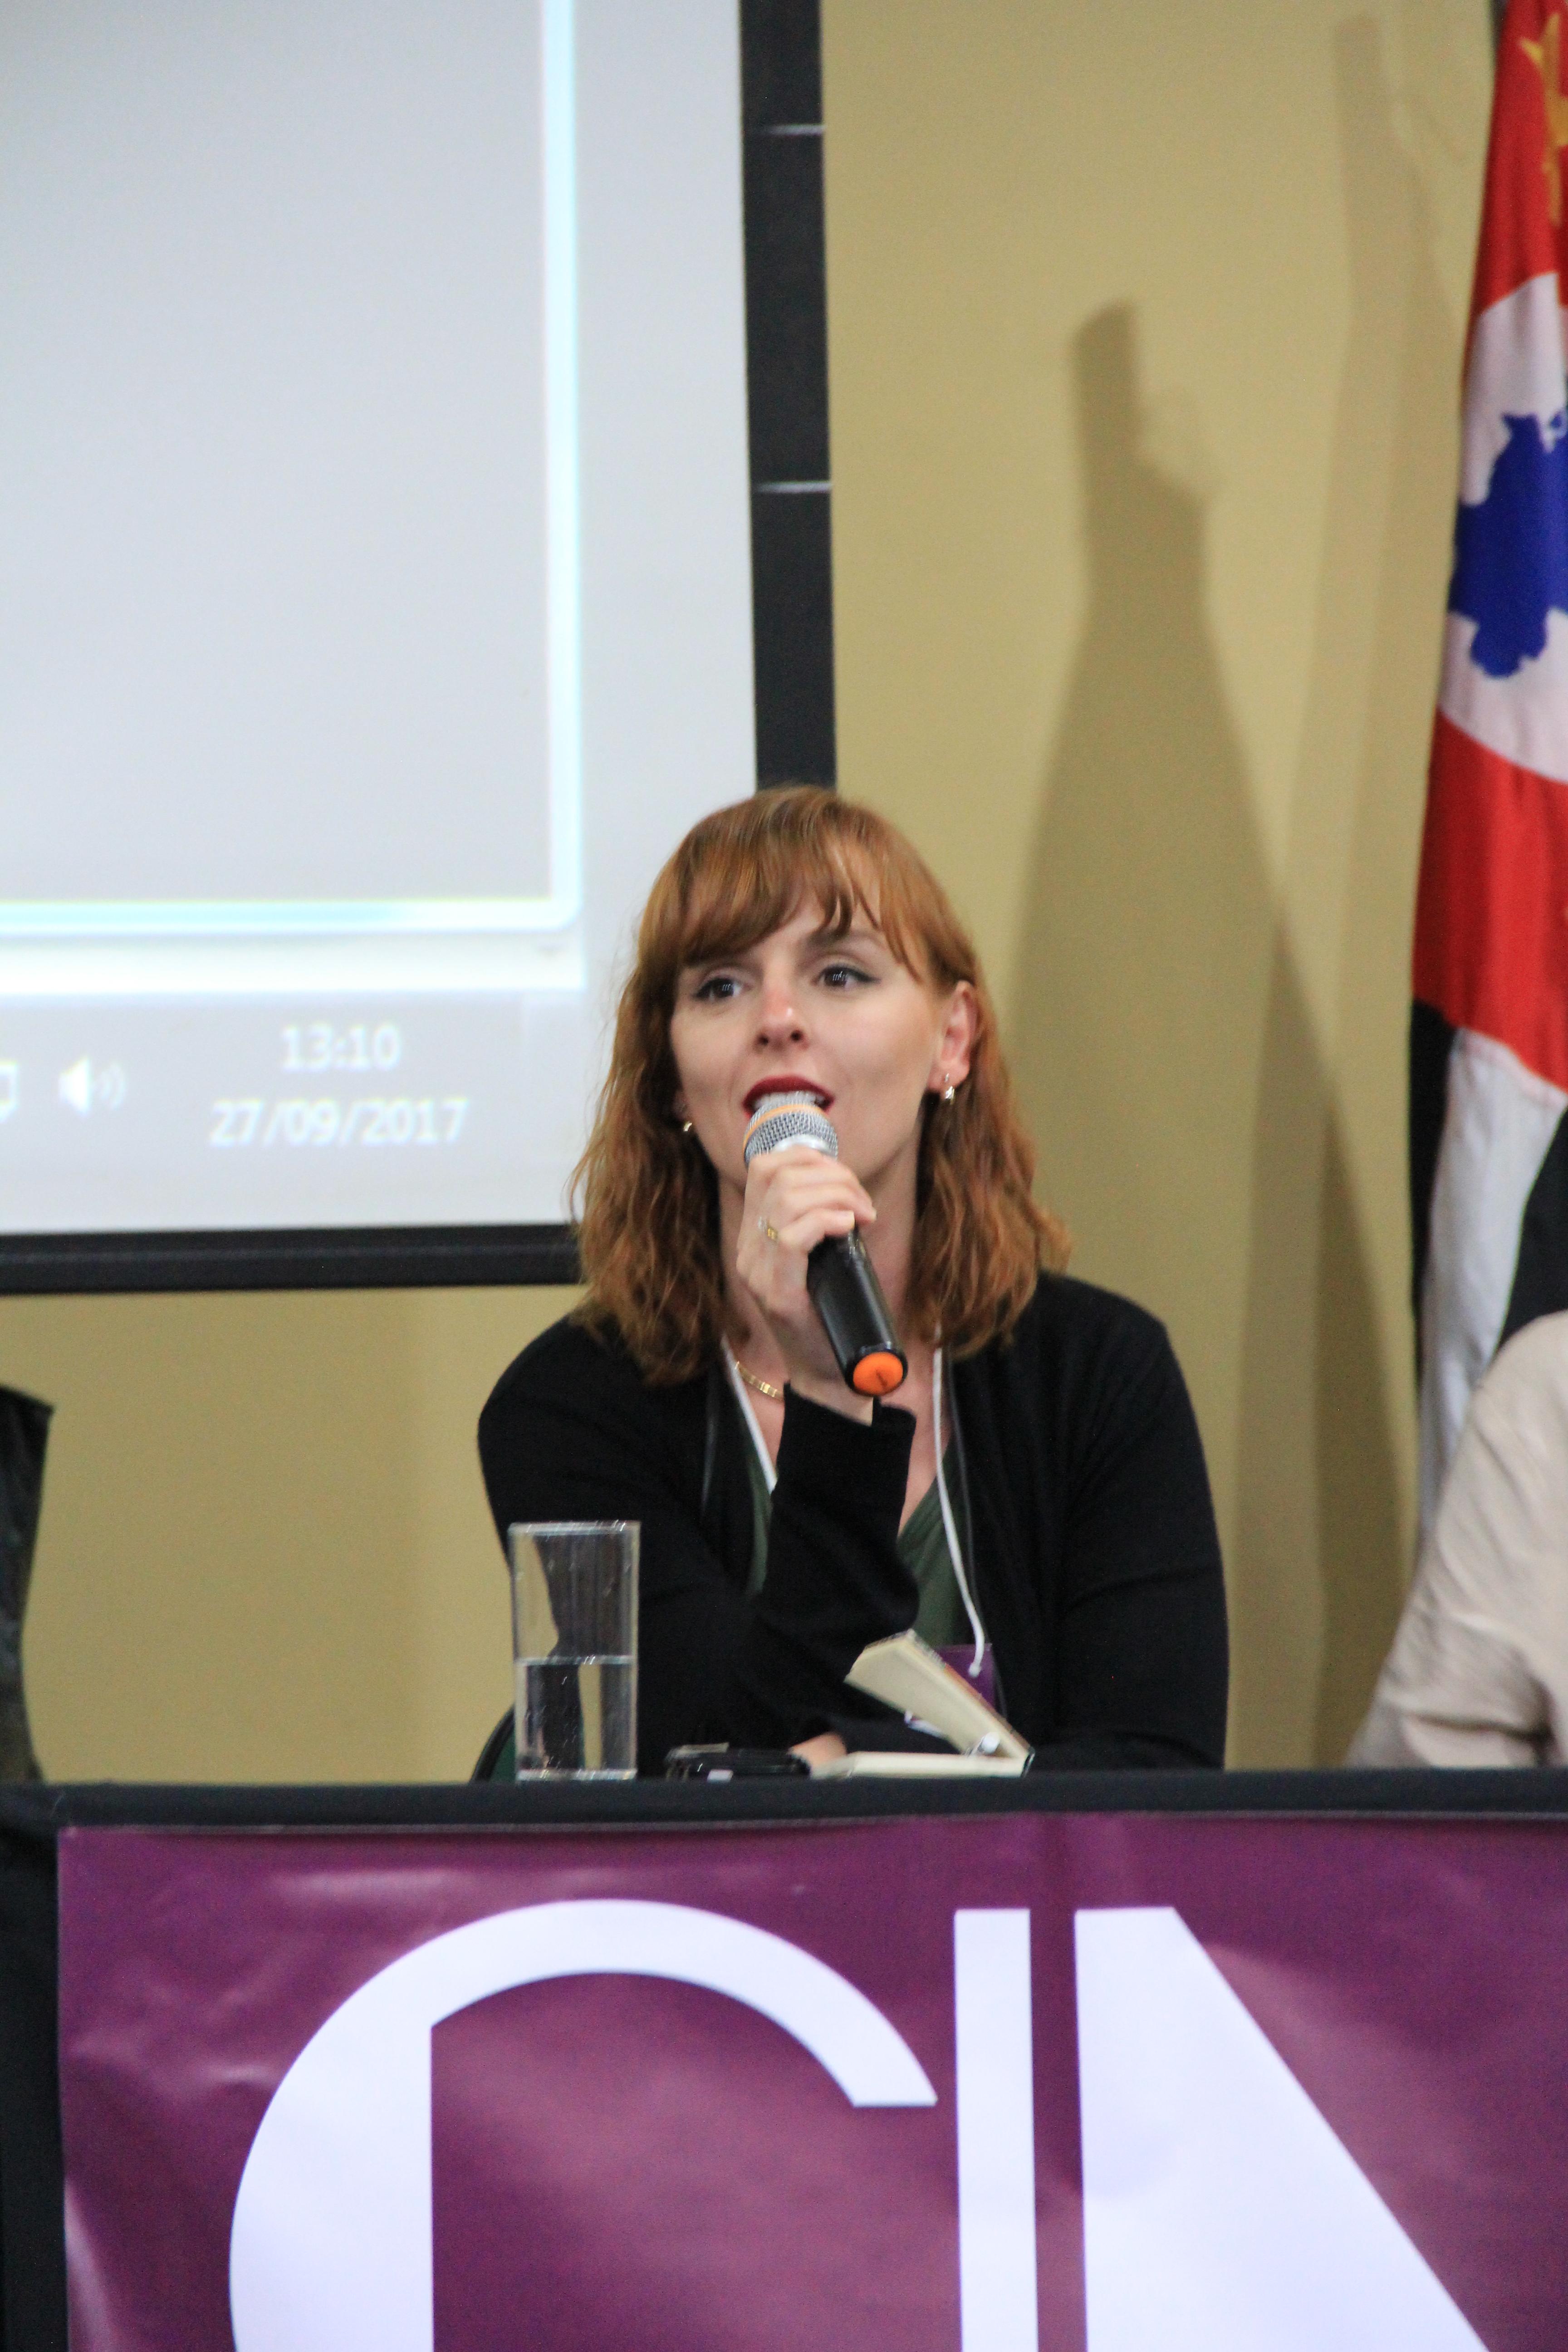 Mariana marcilio Formas e Volumes CINM 17